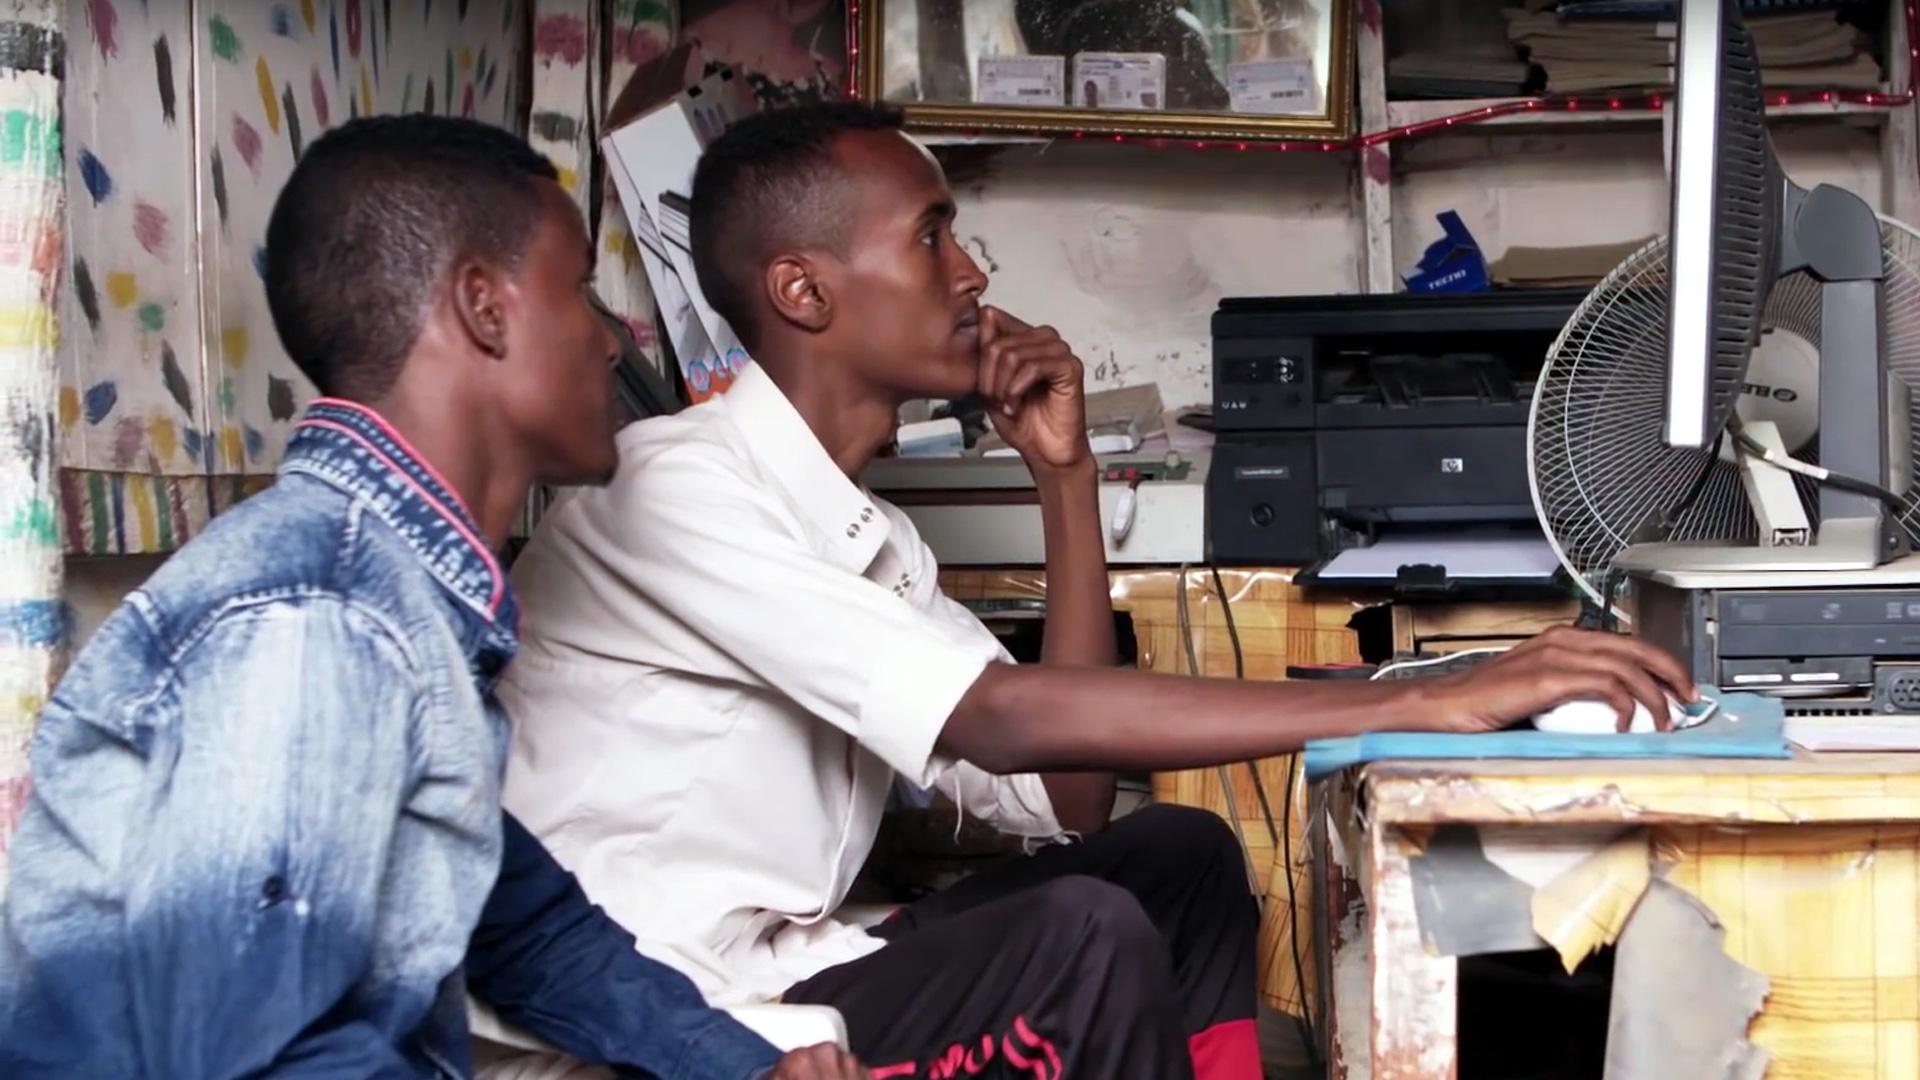 Standbild aus dem BMZ-Video über eine Schule für Flüchtlinge in Kenia, die kostenlose Grundausbildungen im EDV-Bereich anbietet